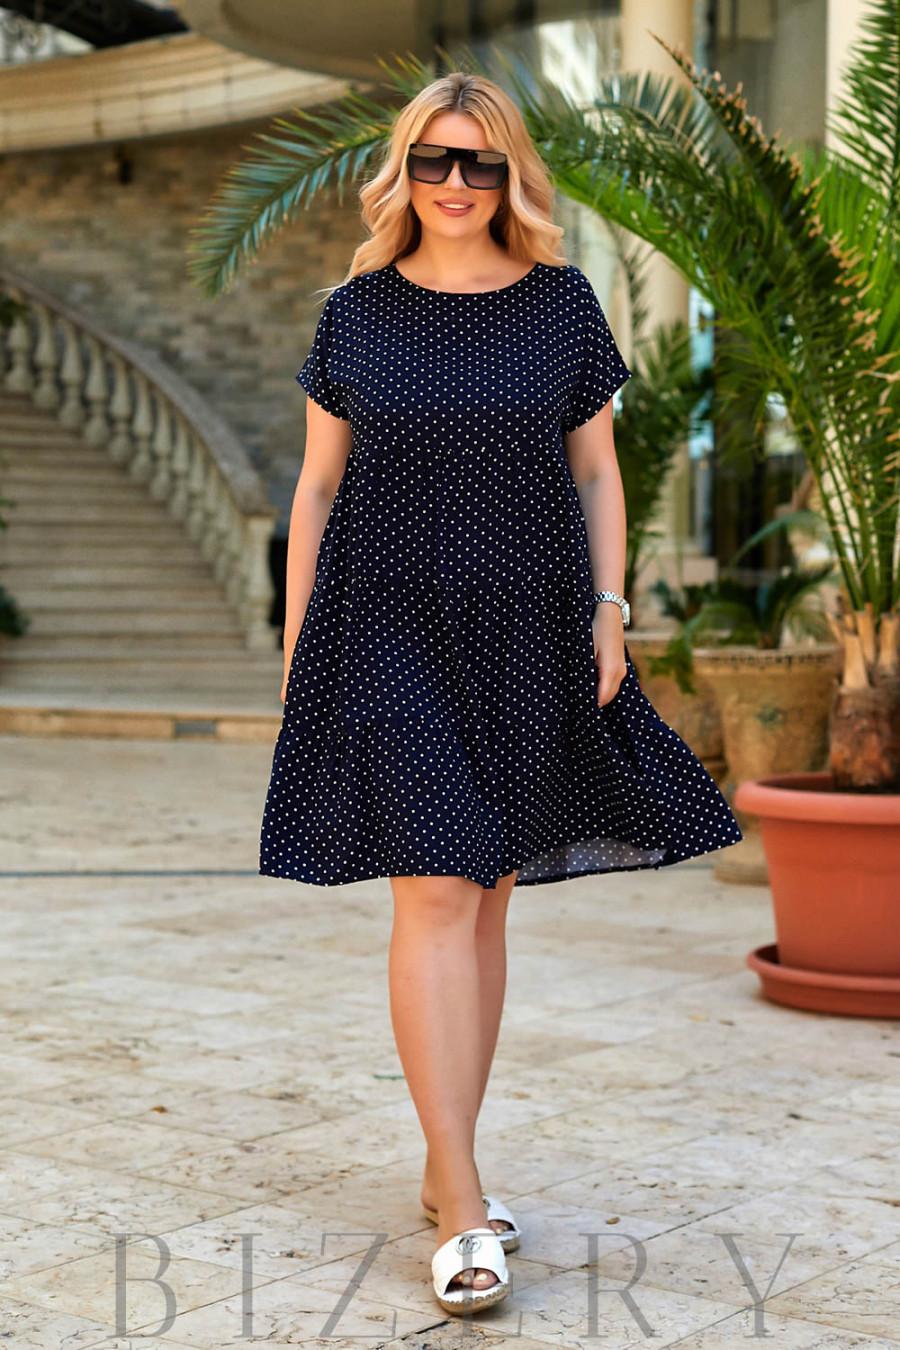 Повседневное легкое платье из шатпеля в темно-синей расцветке В944